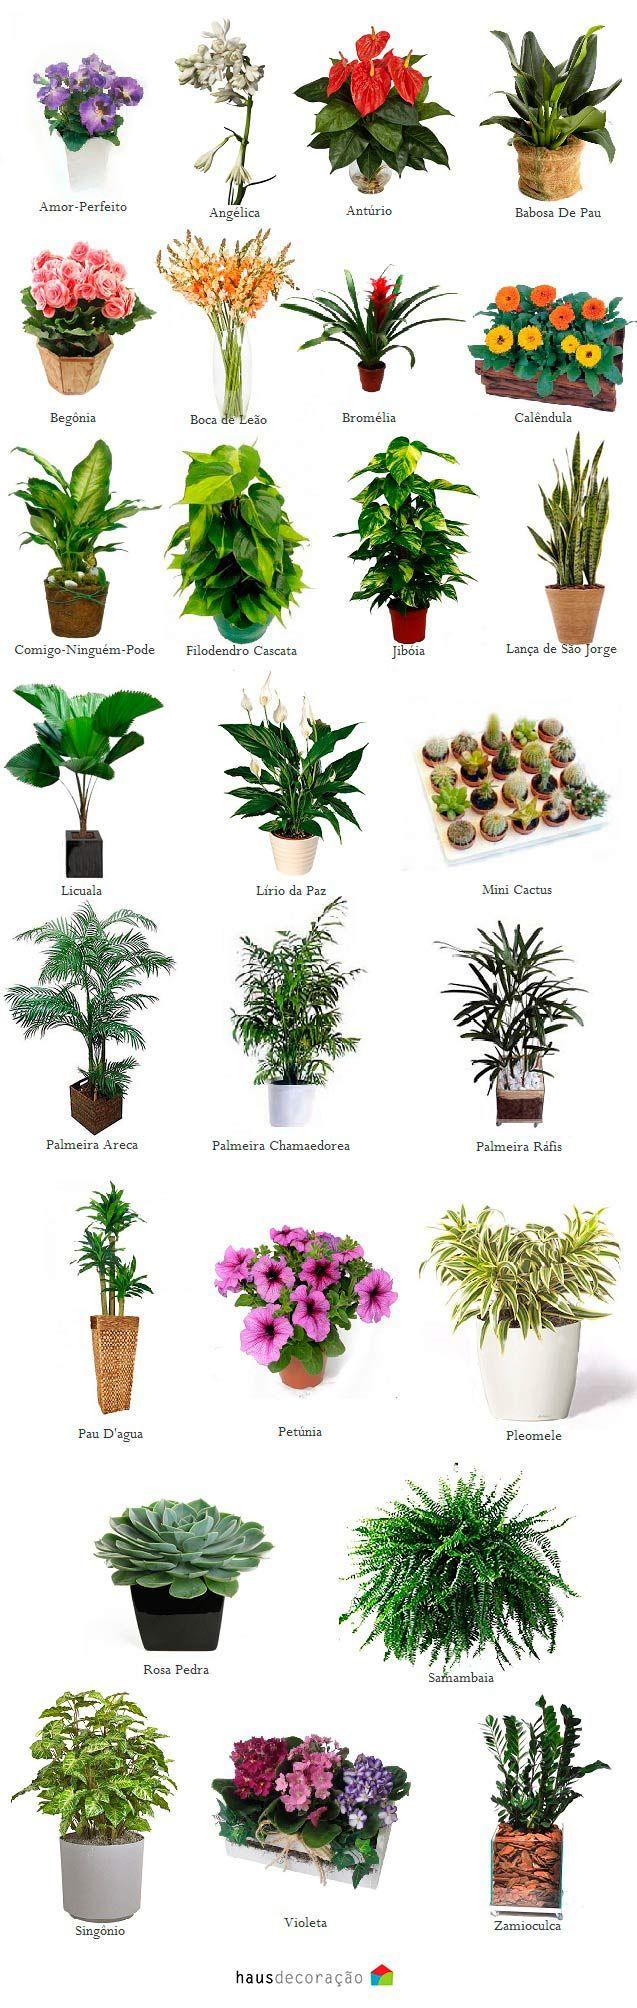 plantas-jardim-interno